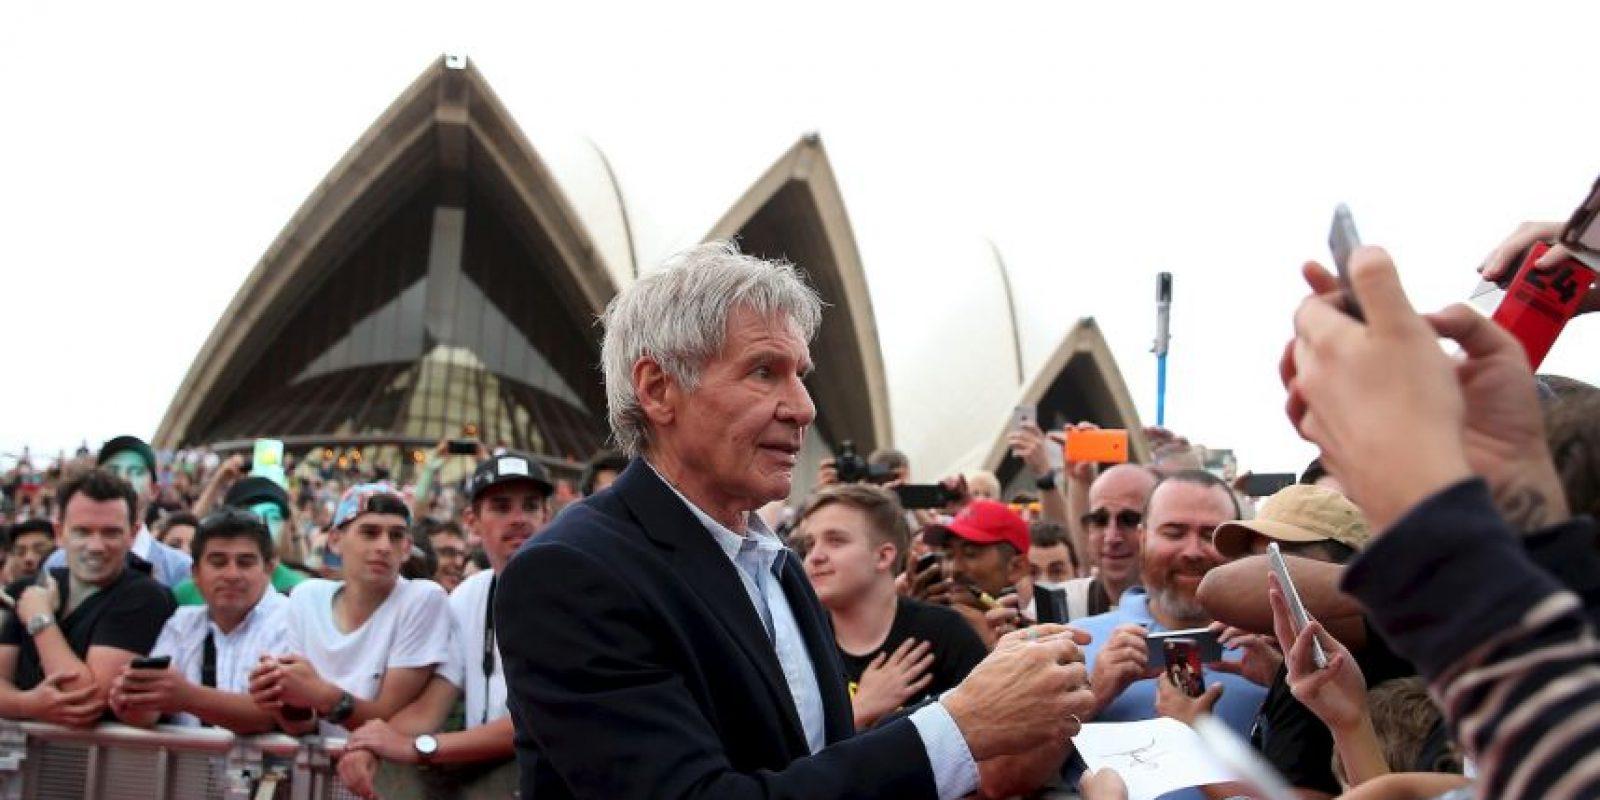 El actor tiene una cicatriz en la barbilla debido a un accidente de coche que sufrió a los 20 años. Foto:Getty Images